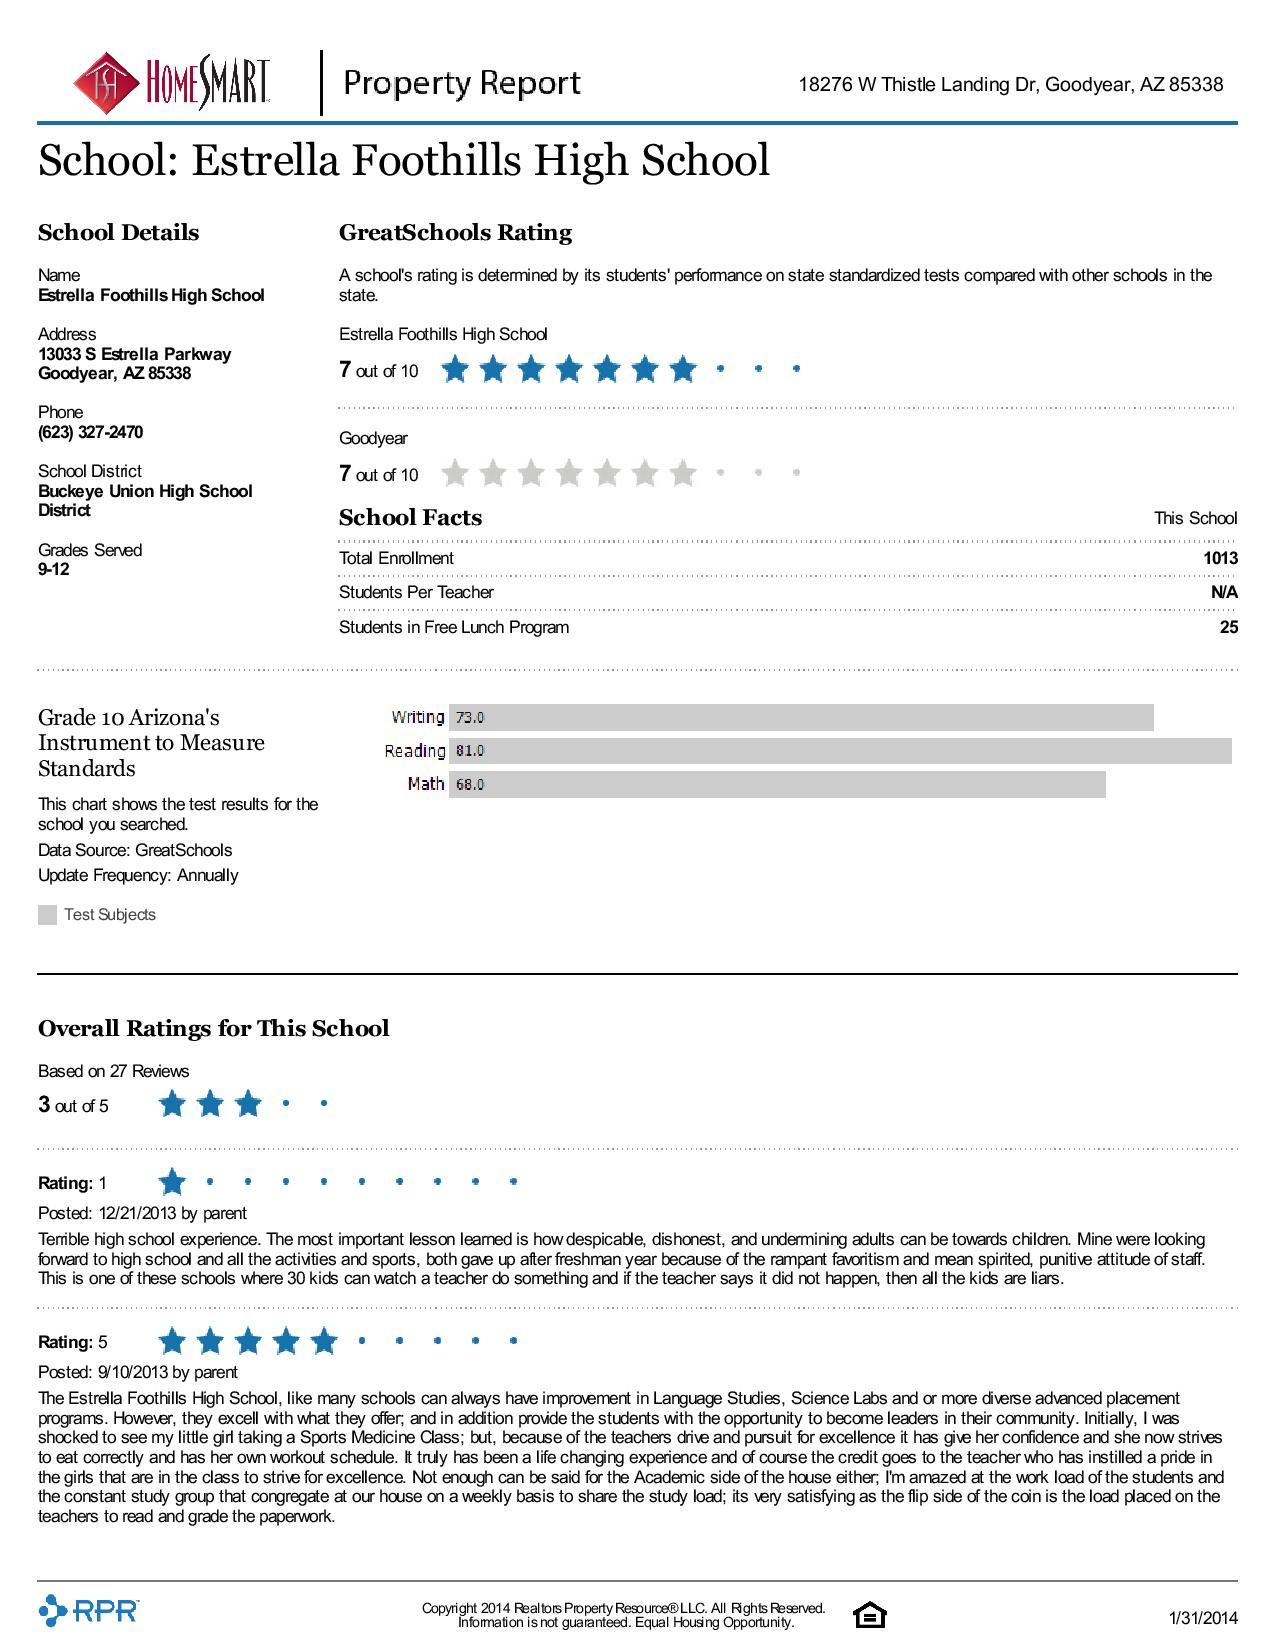 18276-W-Thistle-Landing-Dr-Goodyear-AZ-85338.pdf-page-008